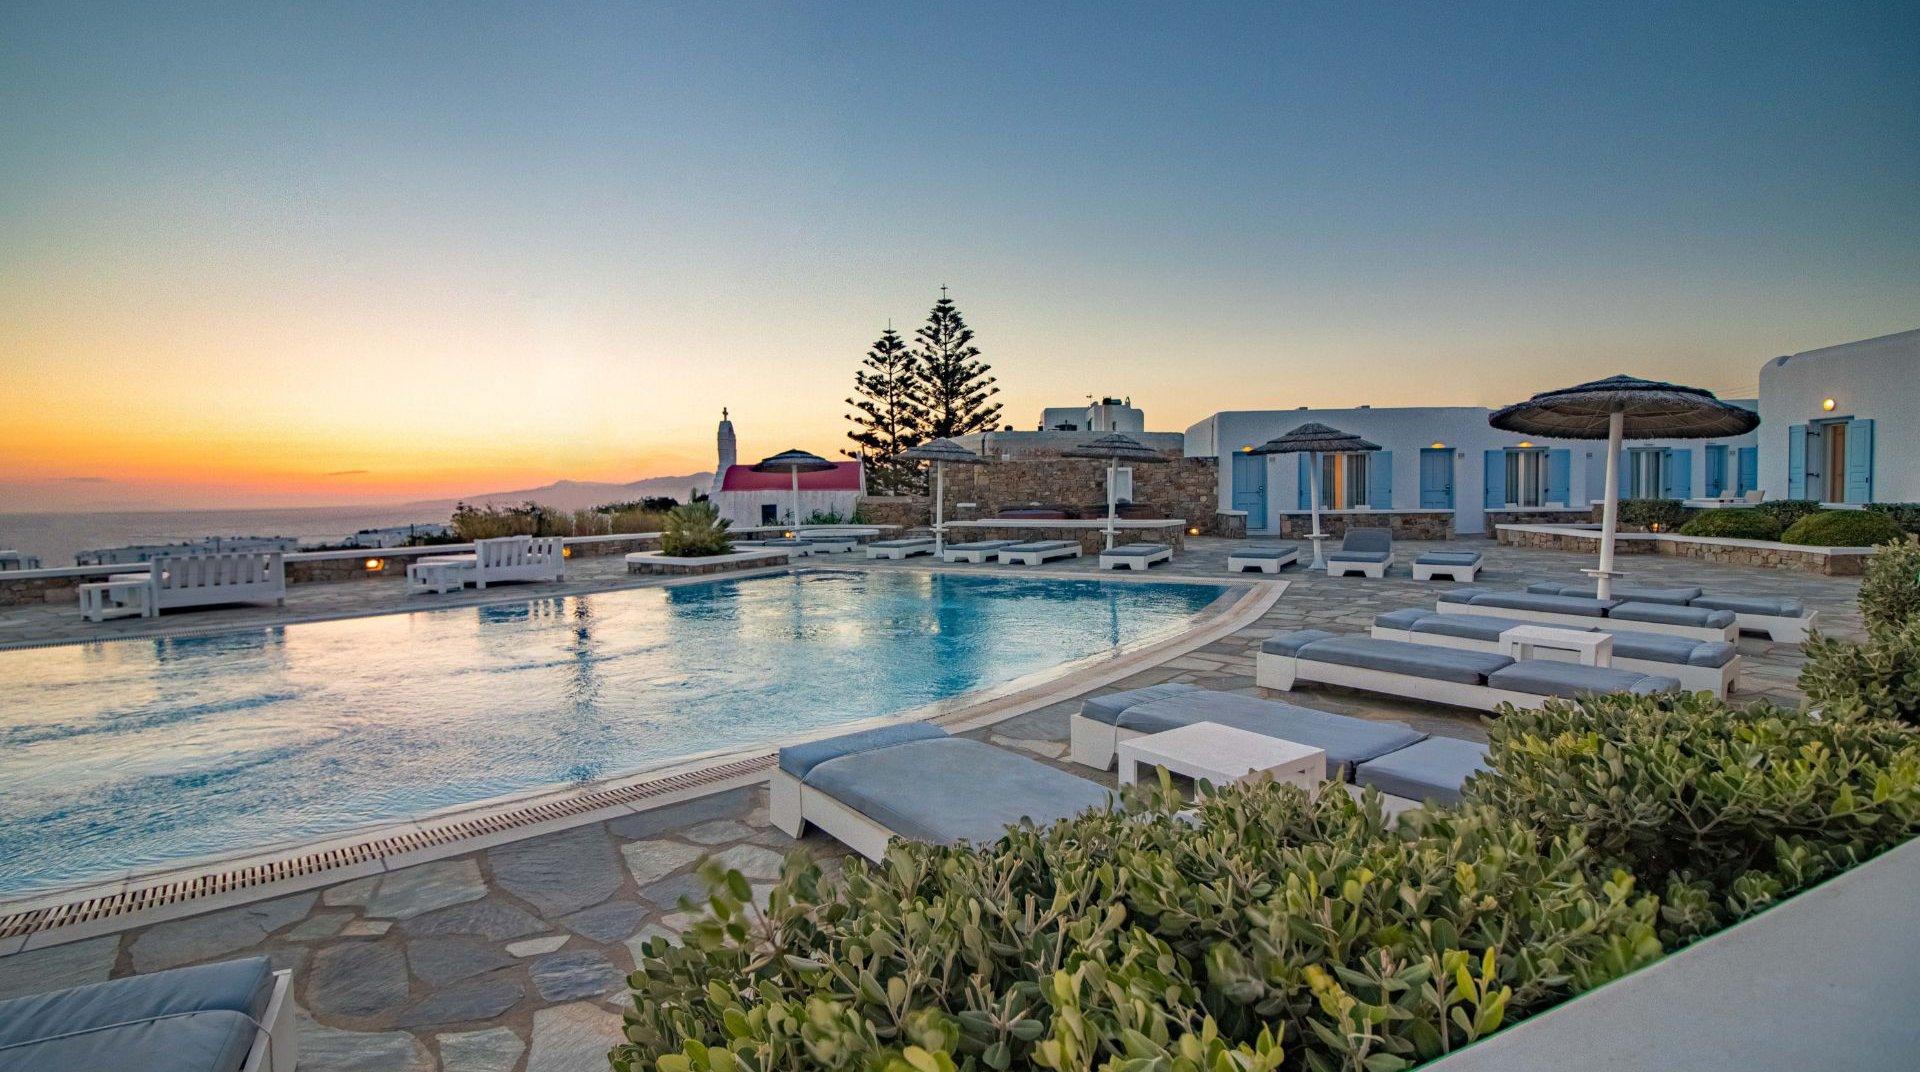 Το Sunset Wing το ηλιοβασίλεμα με την πισίνα, τις ξαπλώστρες, τα εξωτερικά κρεβάτια και την πρασινάδα